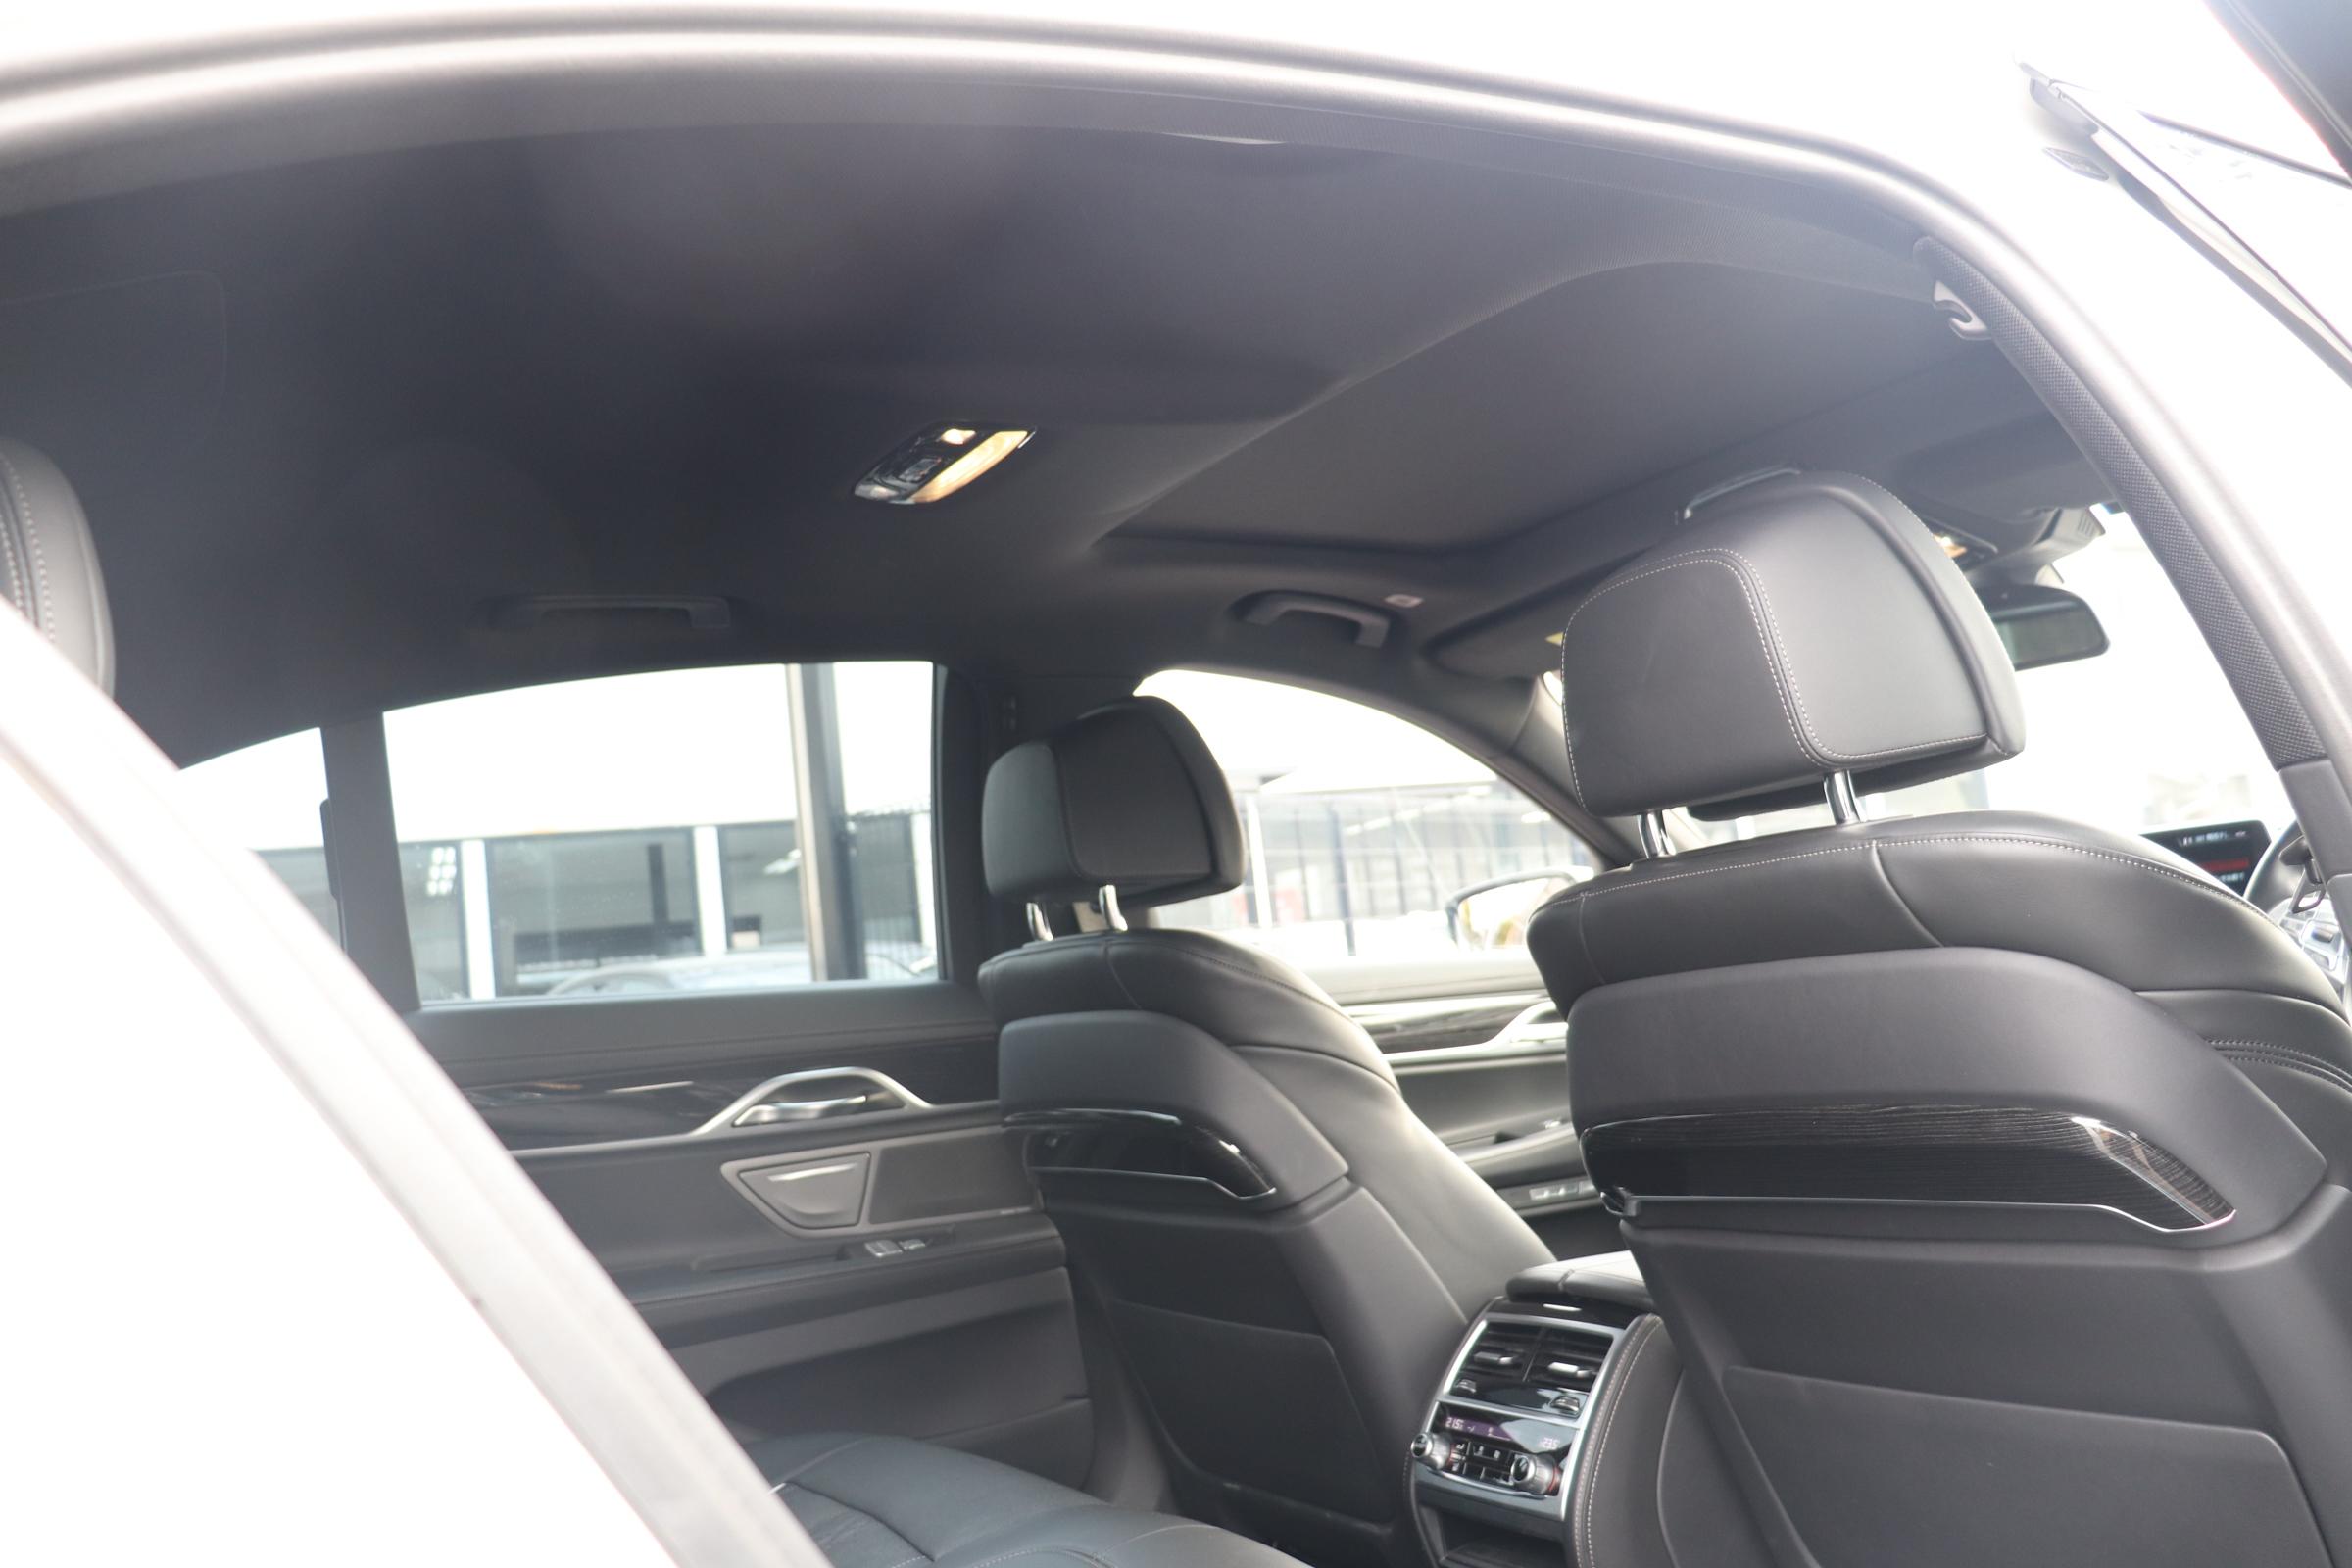 750i Mスポーツ サンルーフ レーザーライト HUD リモートP メーカー保証車両画像12